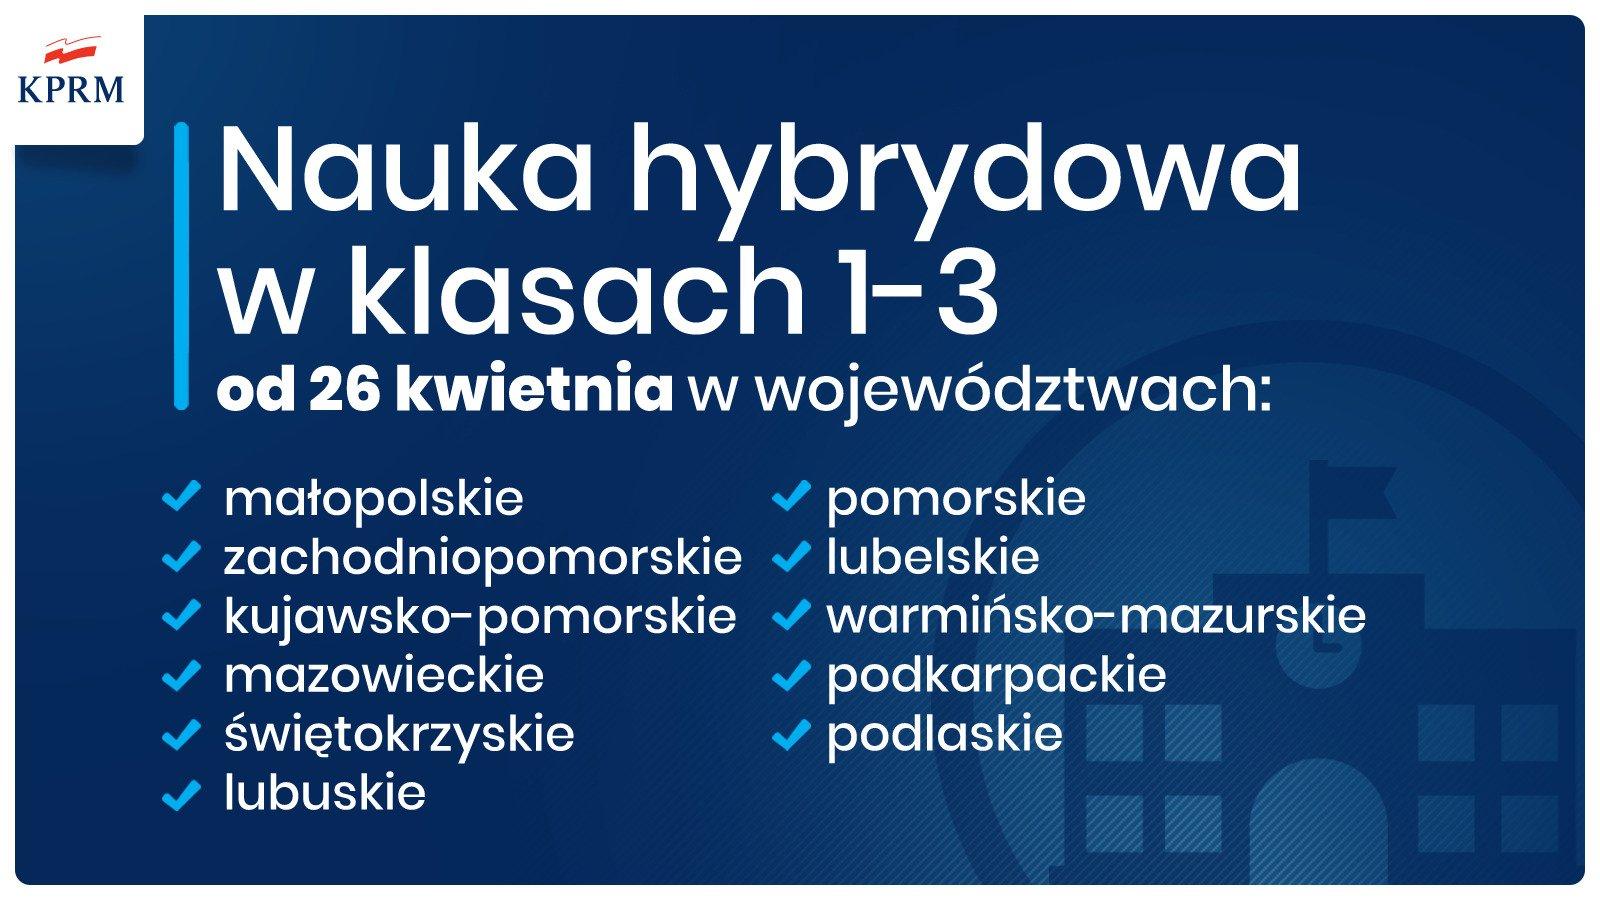 Nauka hybrydowa w klasach I-III od 26 kwietnia. // mat. prasowe